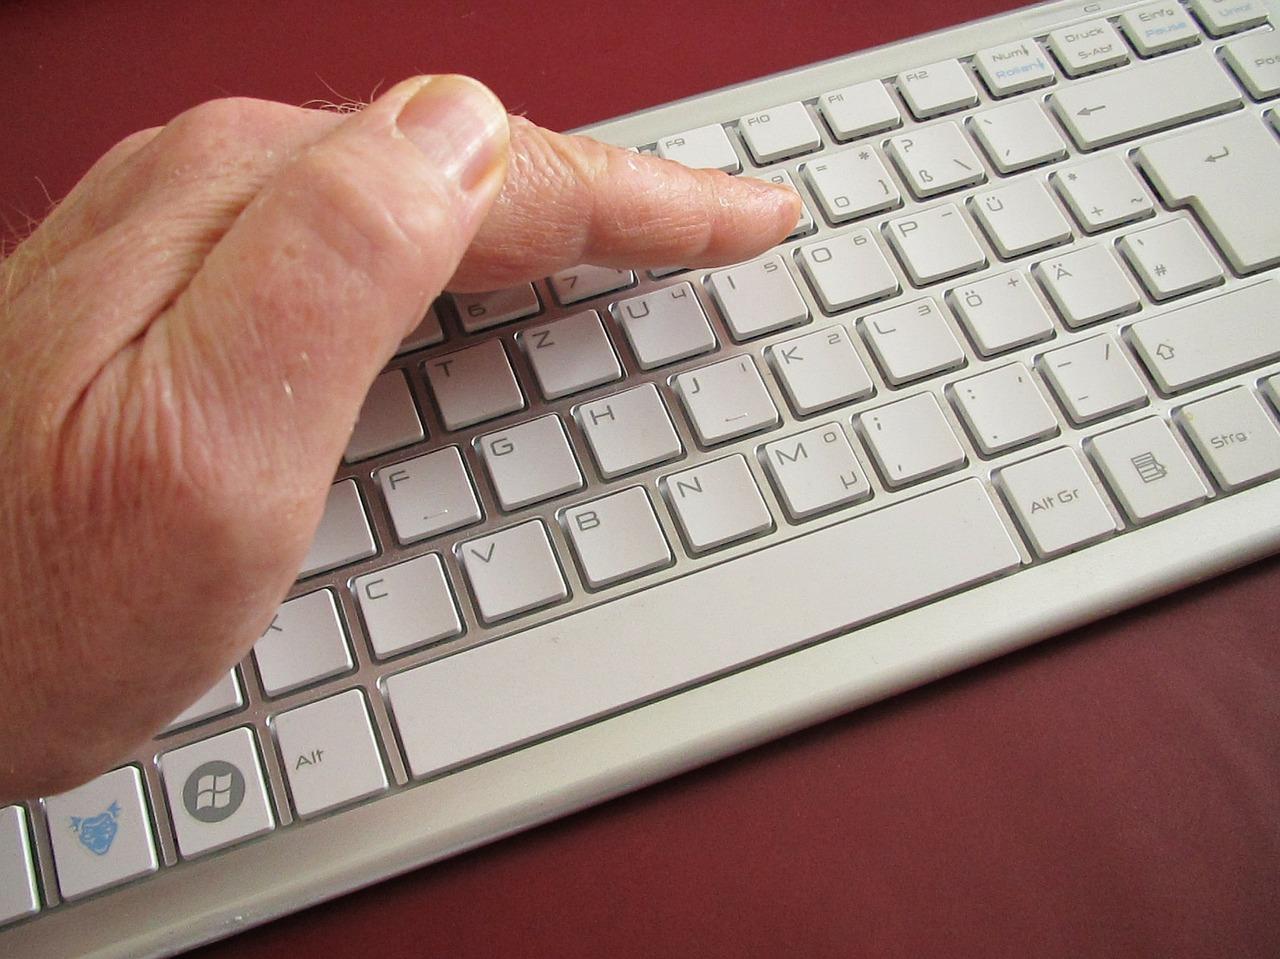 Comprare la migliore tastiera wireless: classifica, guida e consigli per l'acquisto